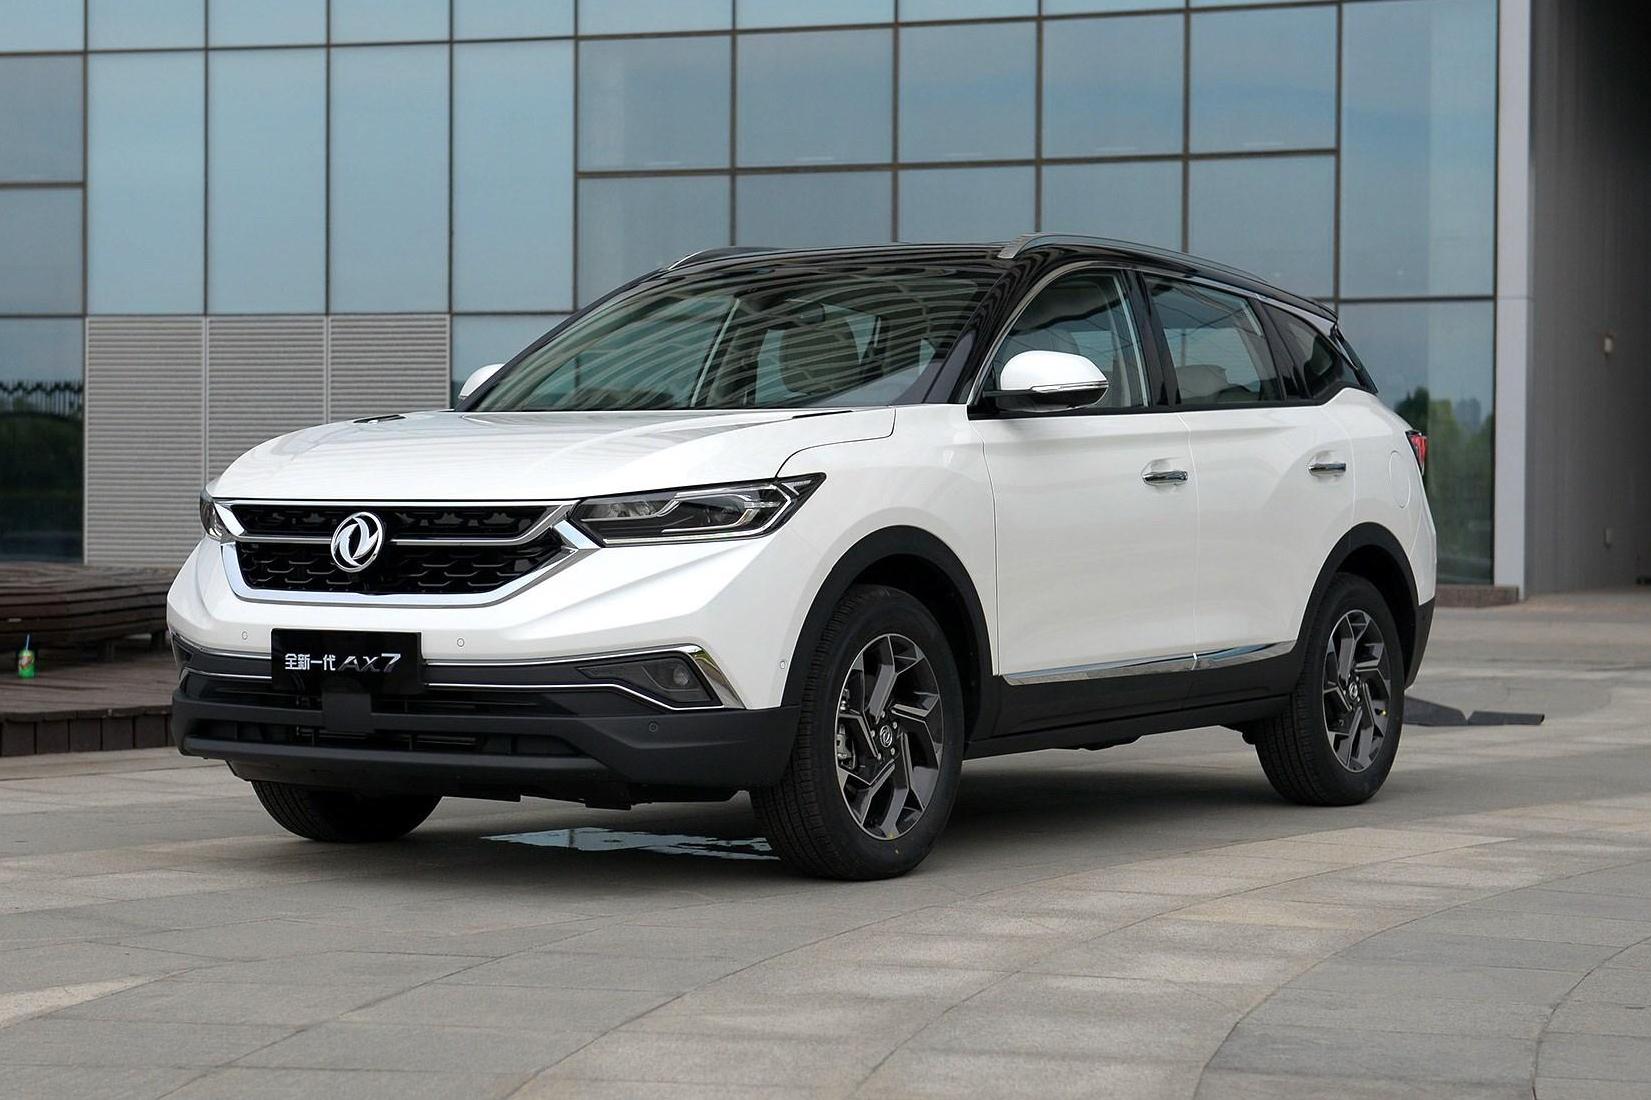 本周4款新车上市哈弗全新SUV预售115万起本田新车造型抢眼_凤凰彩